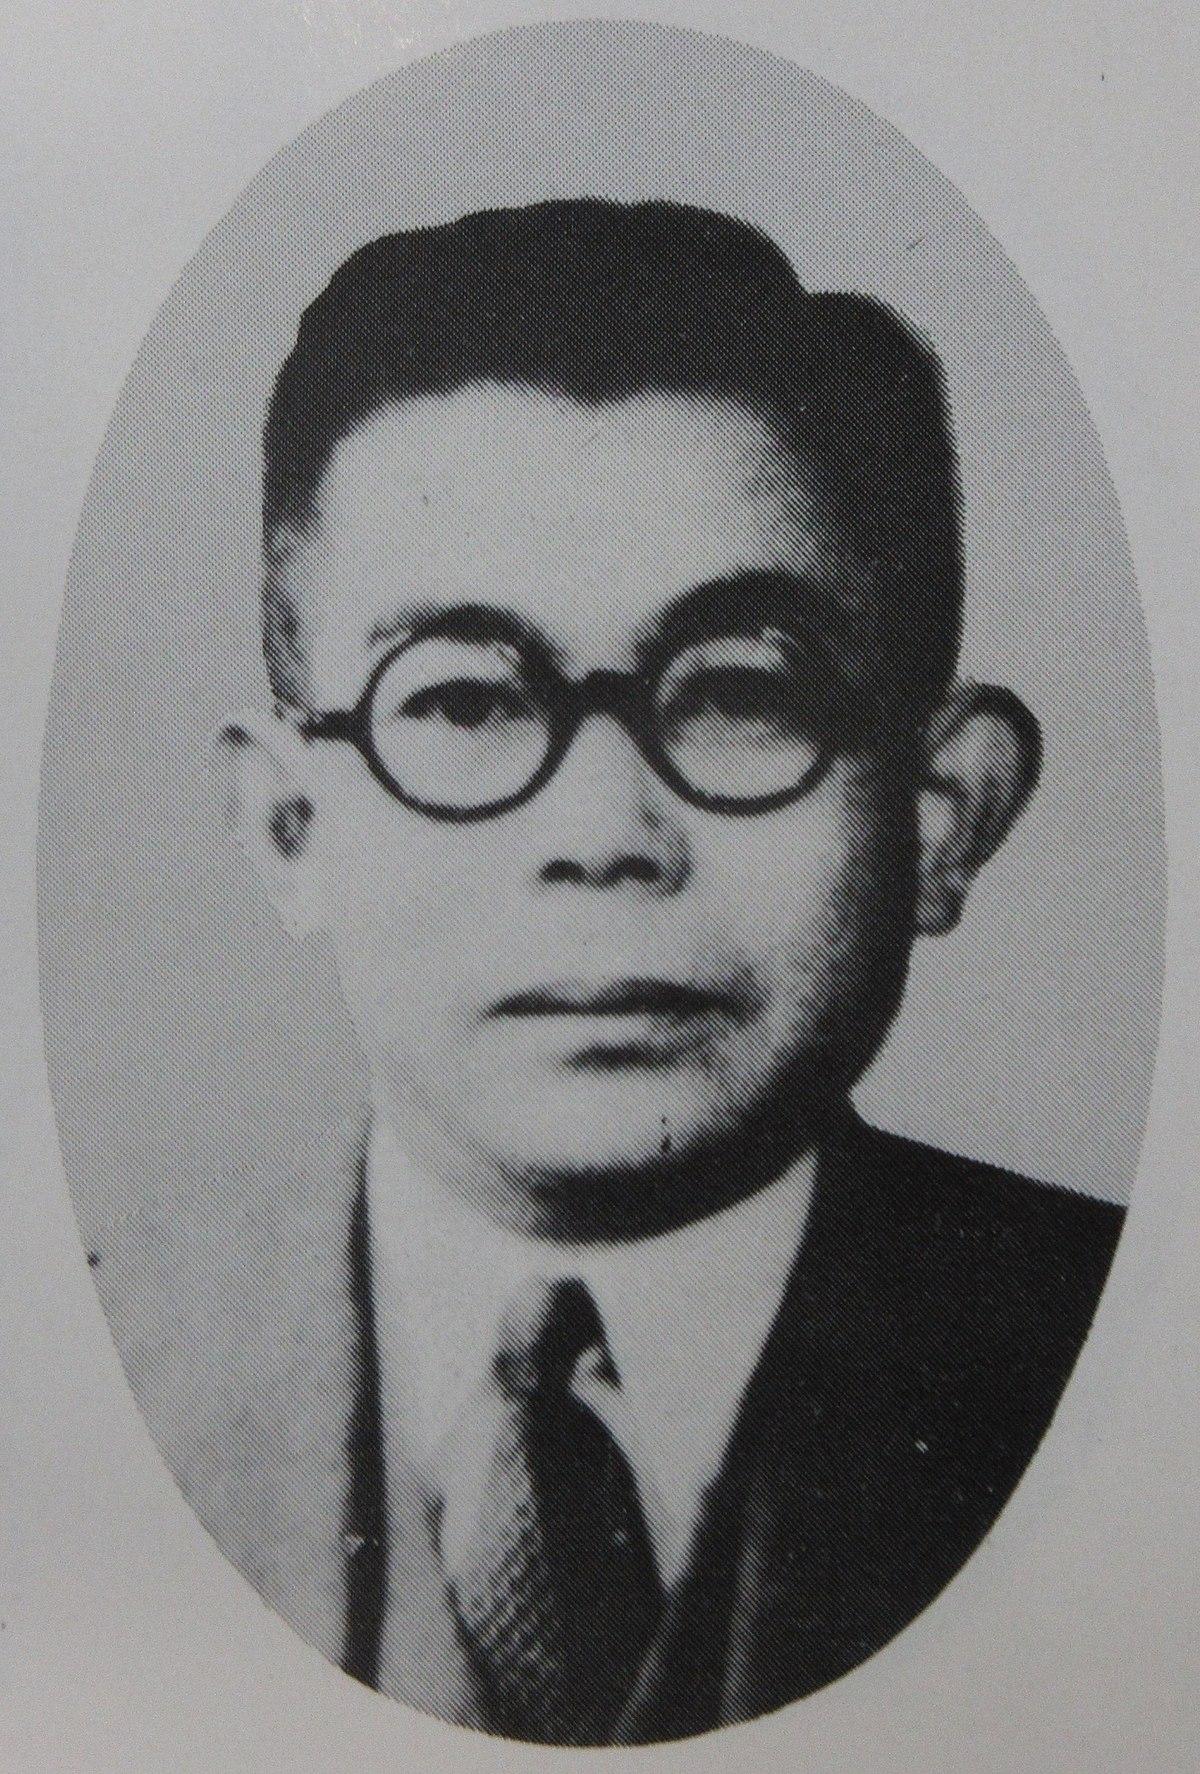 丹羽兵助 - Wikipedia